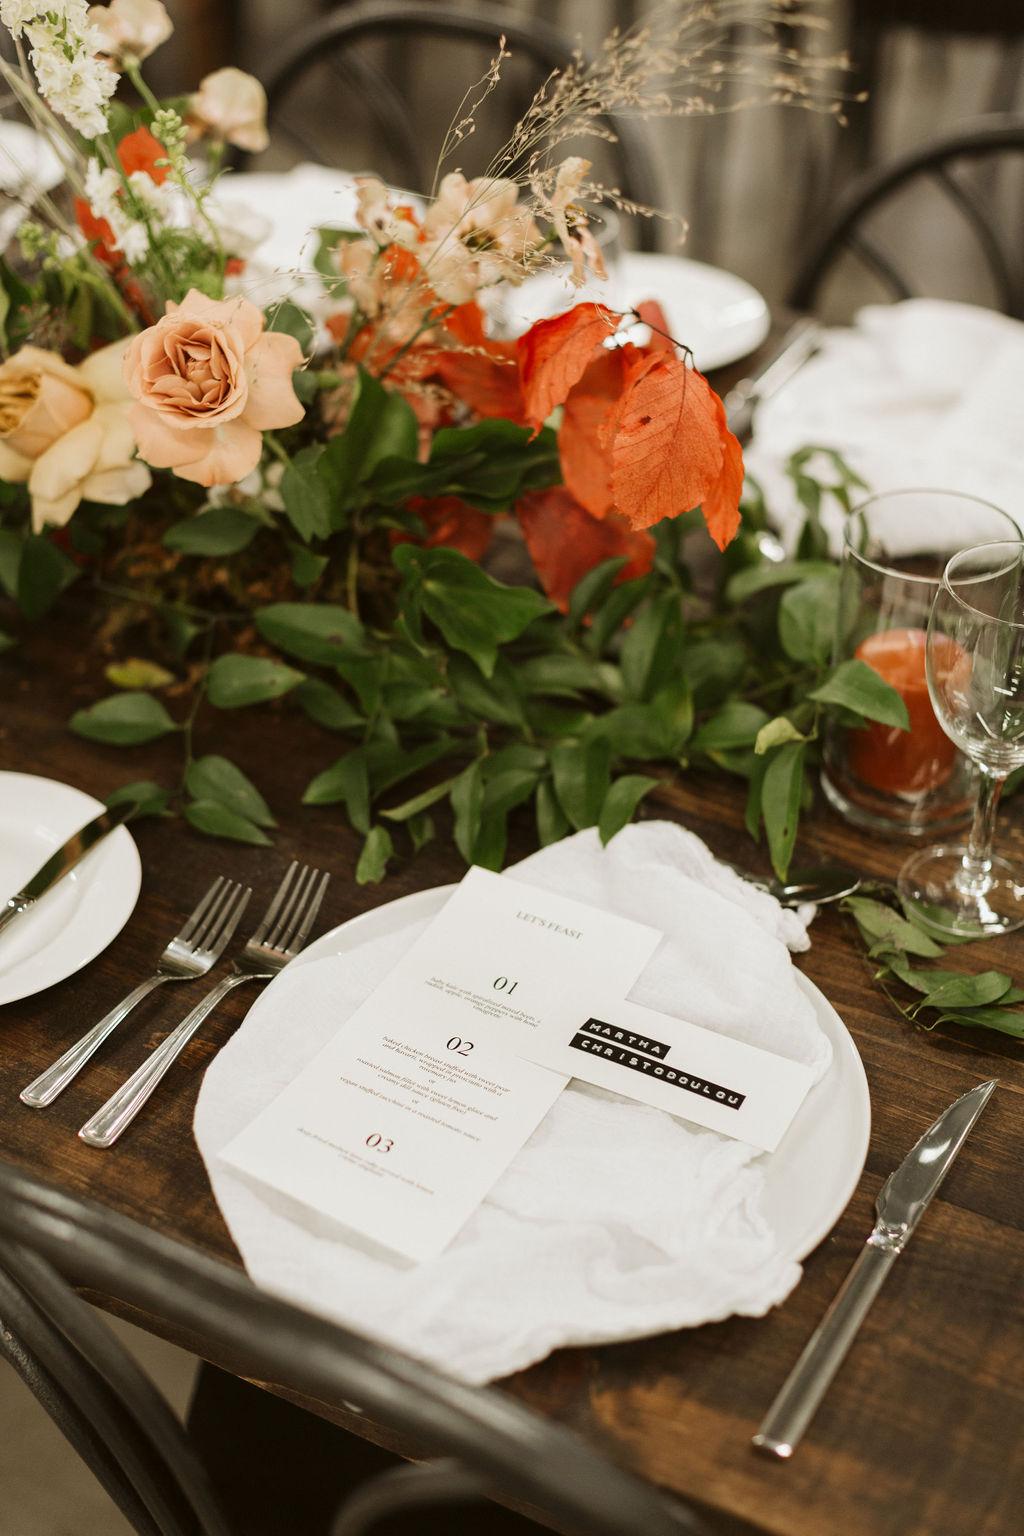 kristina+ryan_toronto+winter+wedding-375.jpg